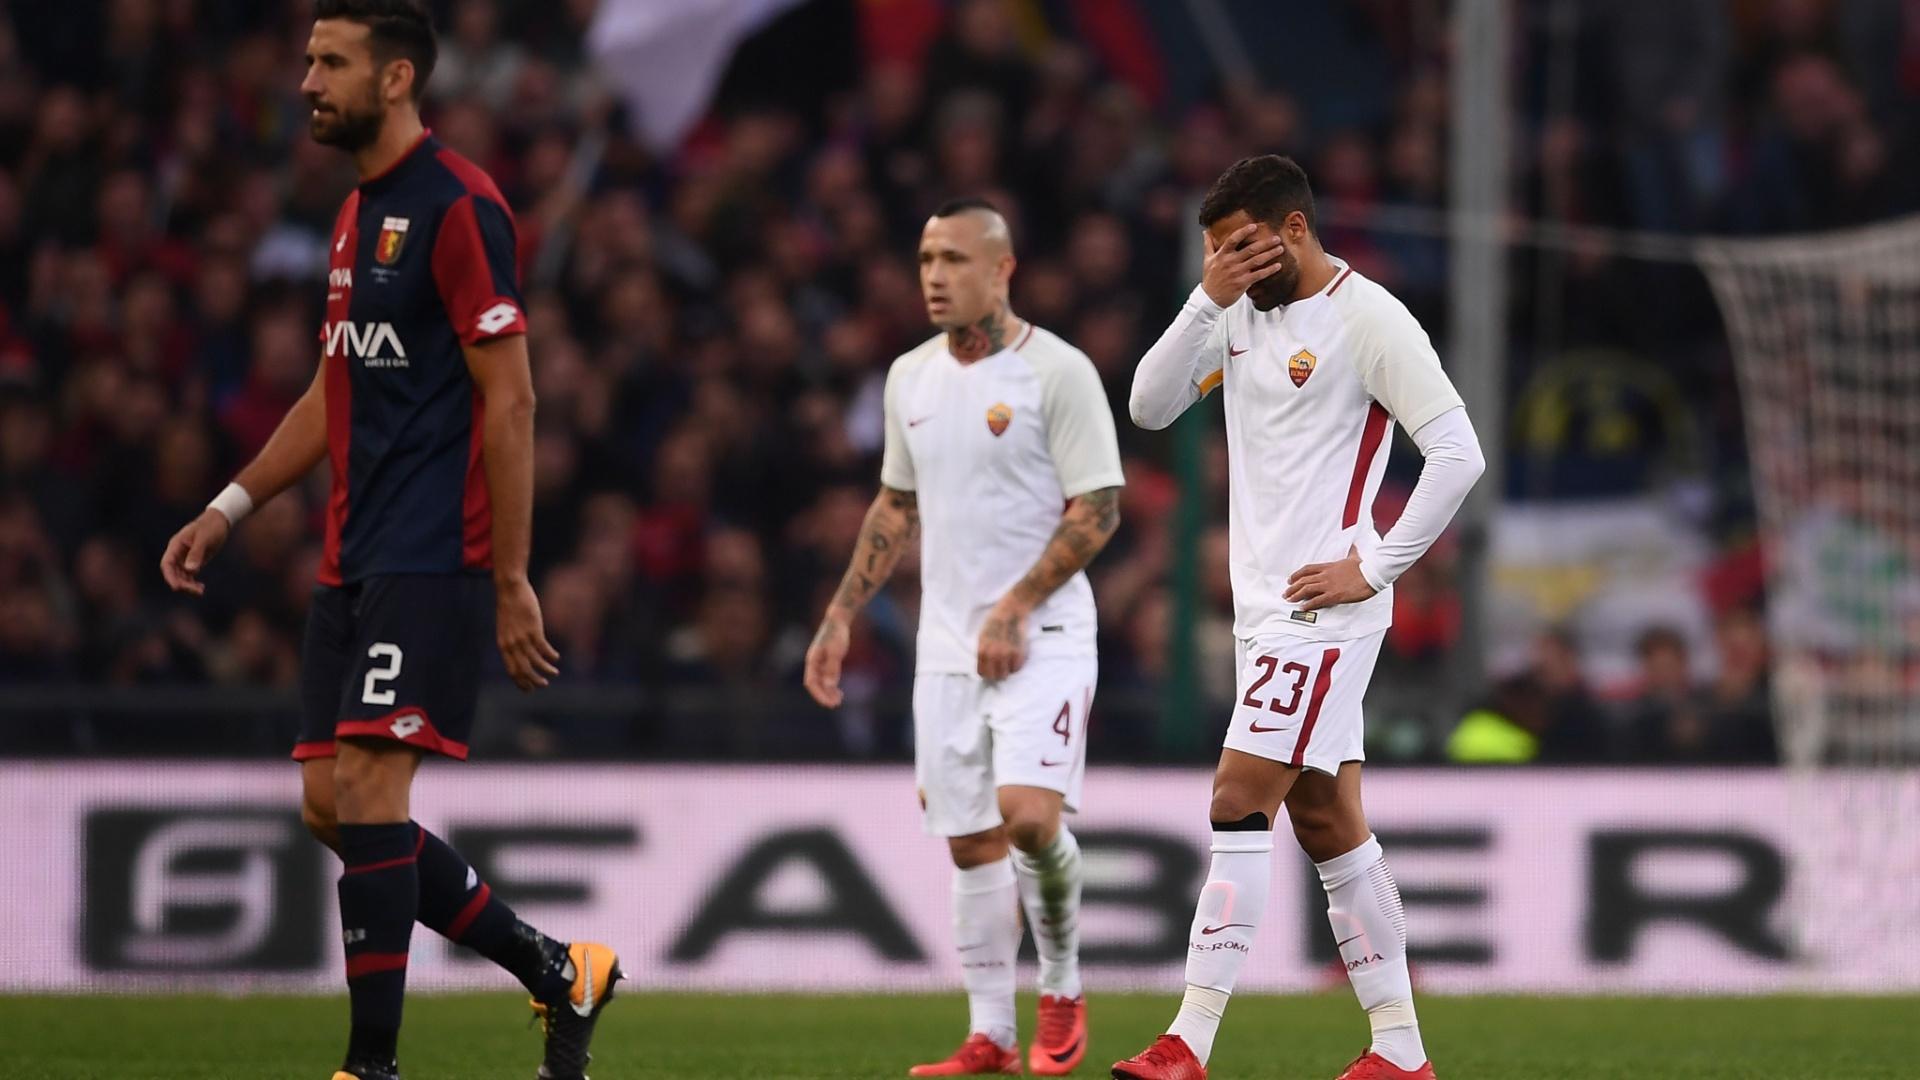 Jogadores da Roma lamentam empate com o Genoa, pelo Campeonato Italiano